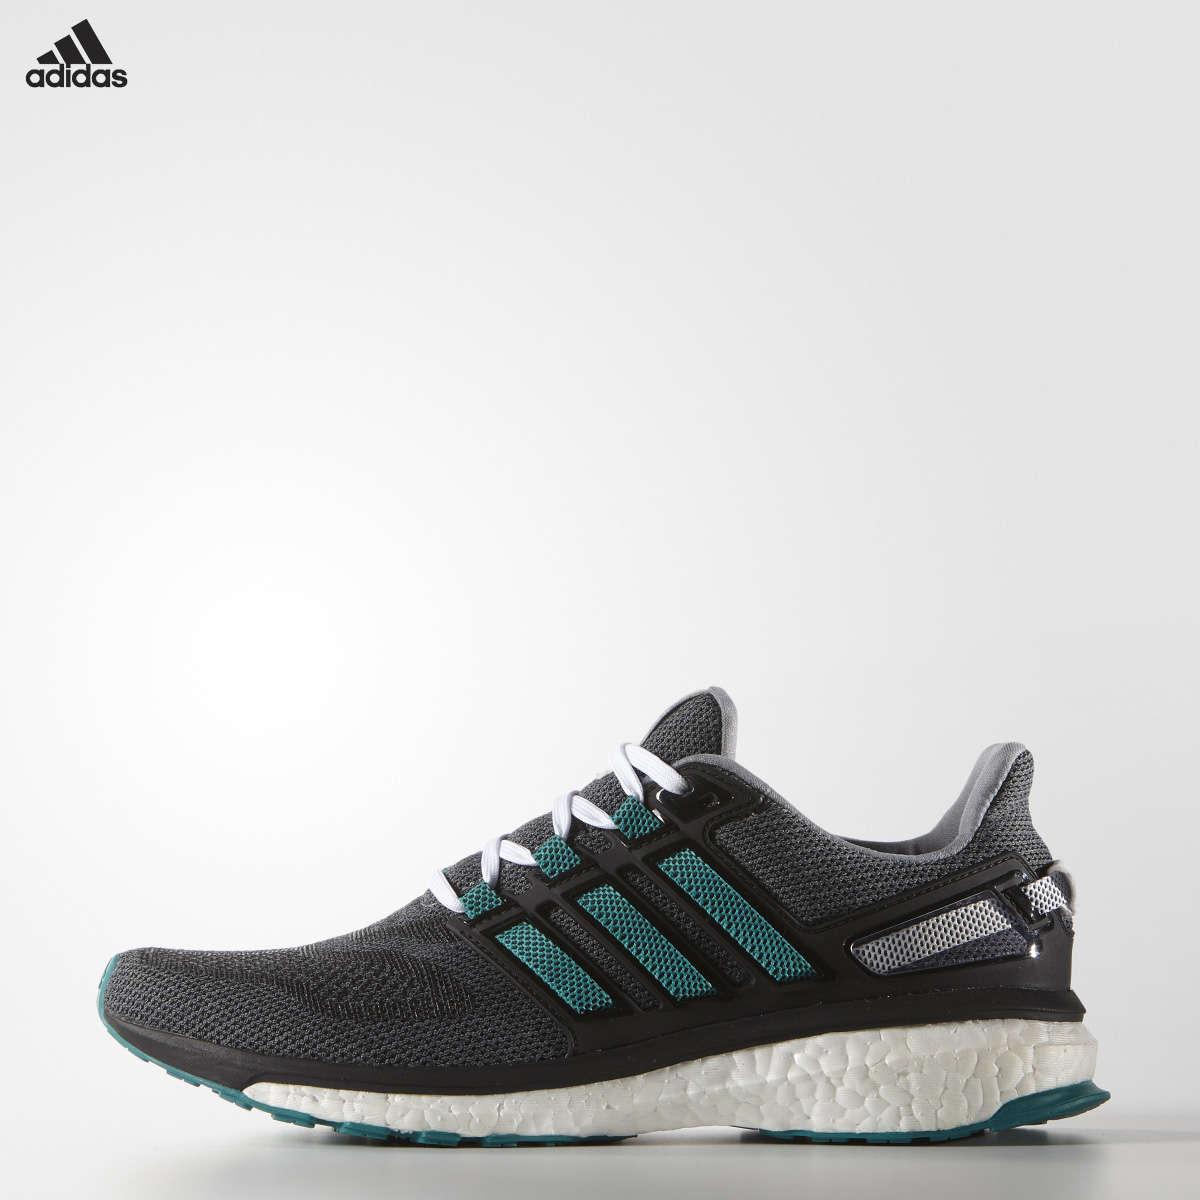 official photos 7af83 3846e adidas Energy Boost 3 Hardloopschoenen GrijsGroenZwart Heren